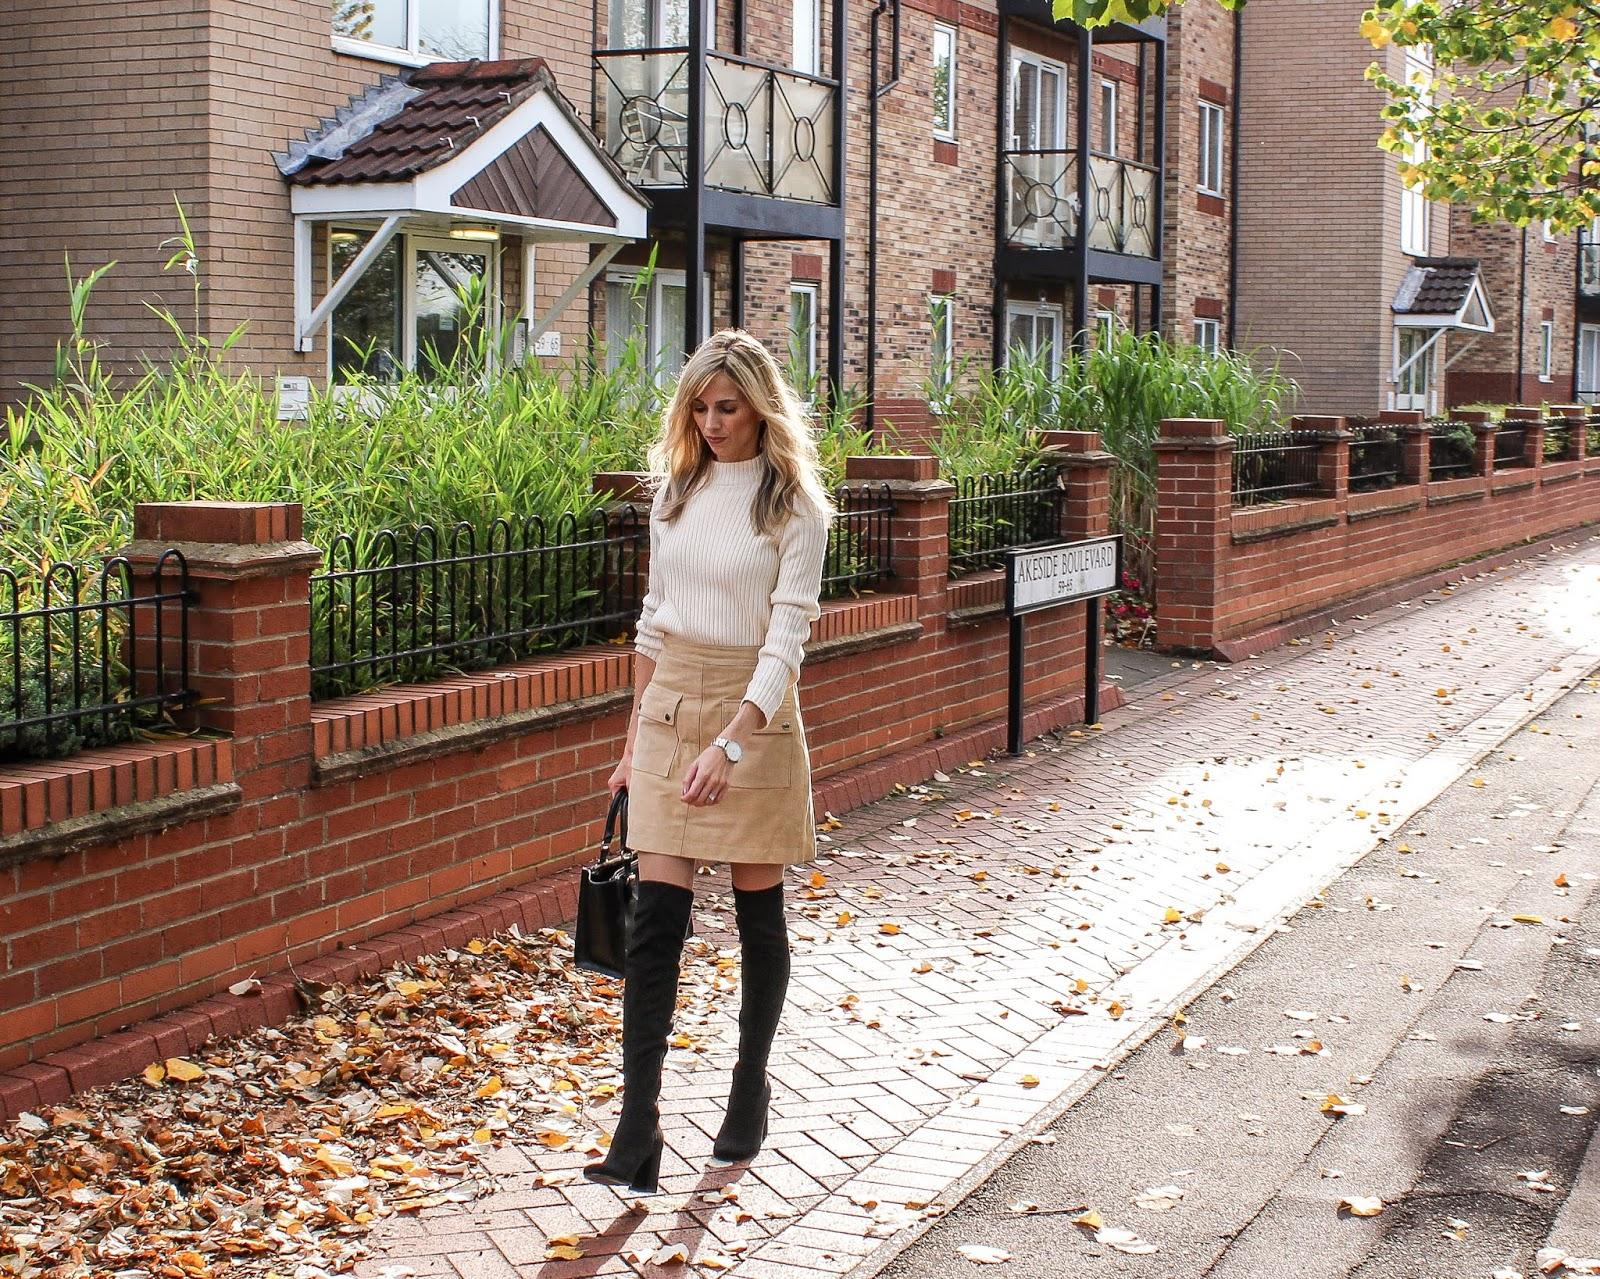 Autumn High Street Fashion